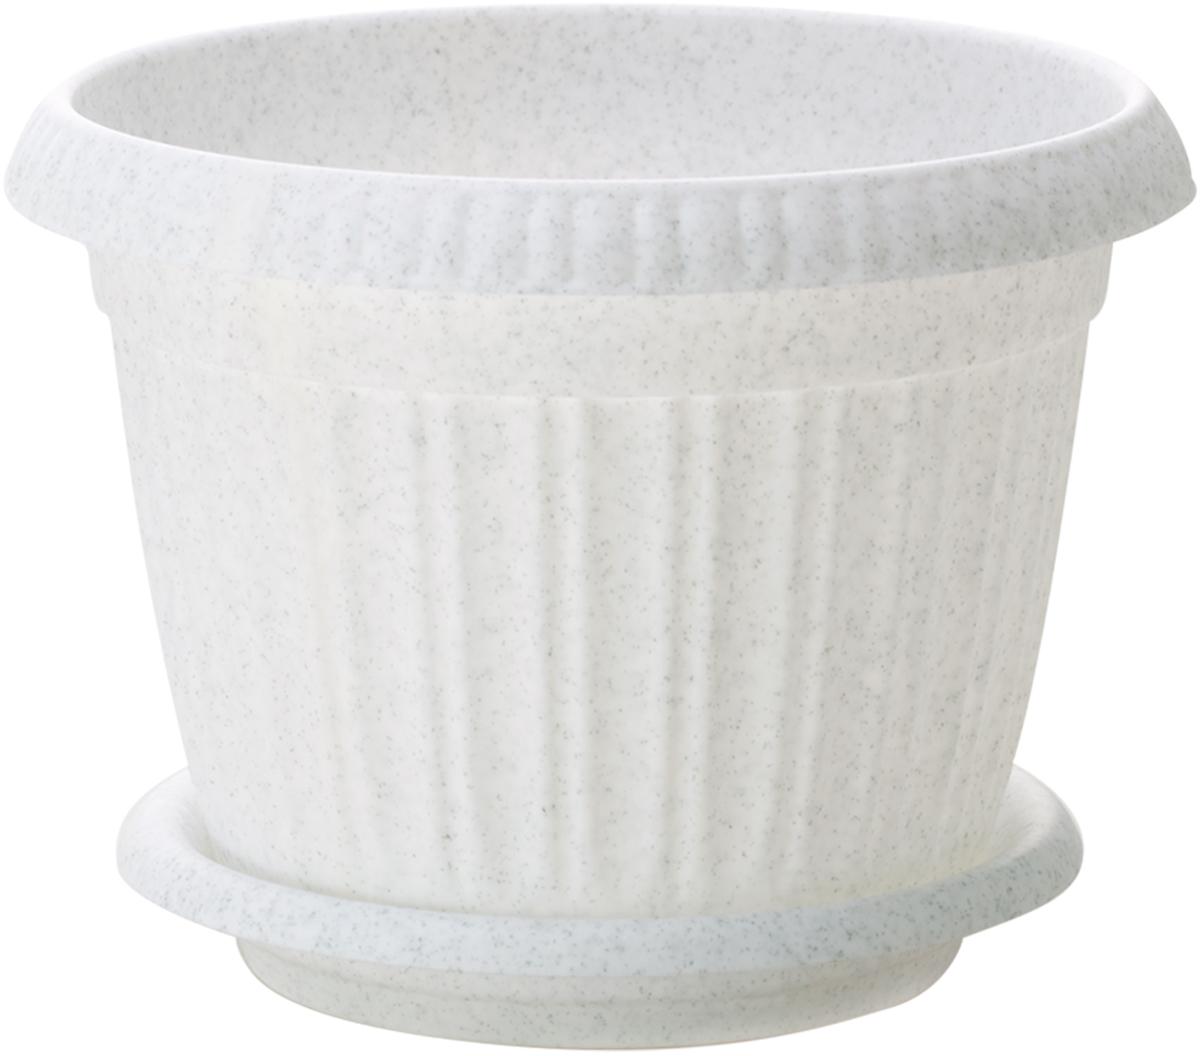 Горшок для цветов InGreen Таити, с подставкой, цвет: мраморный, диаметр 23 смING46020КЛГоршок InGreen Таити выполнен из высококачественного полипропилена (пластика) и предназначен для выращивания цветов, растений и трав. Снабжен подставкой для стока воды.Такой горшок порадует вас функциональностью, а благодаря лаконичному дизайну впишется в любой интерьер помещения.Диаметр горшка по верхнему краю: 23 см. Высота горшка: 17,5 см. Диаметр подставки: 19 см.